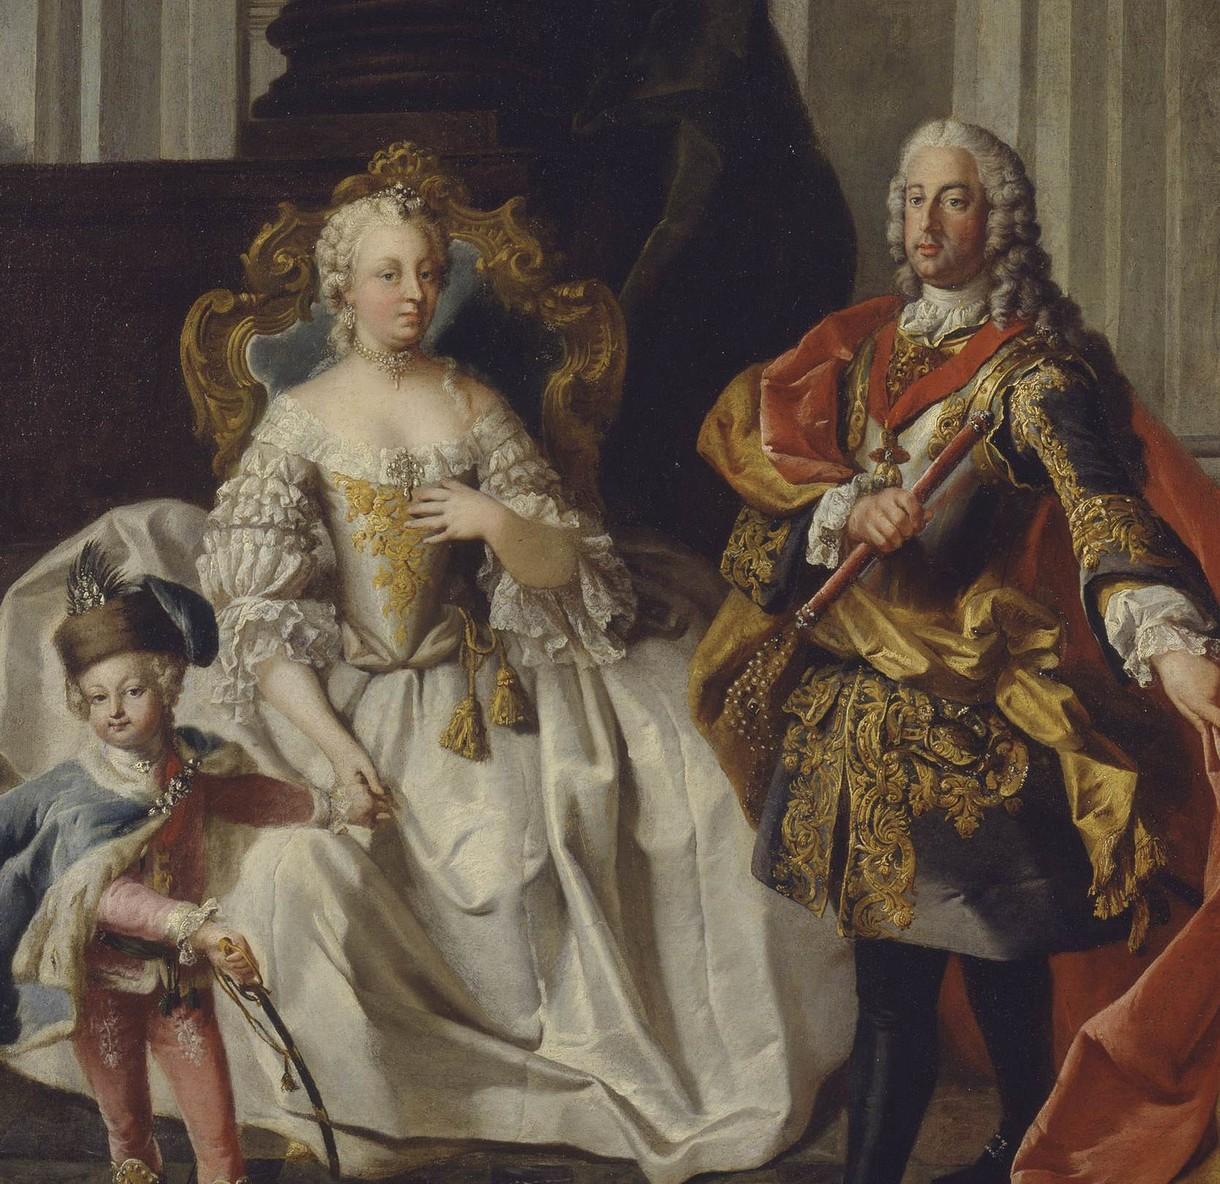 Gemälde von Maria Theresia neben ihrem Mann und mit ihrem Kind an der Hand.